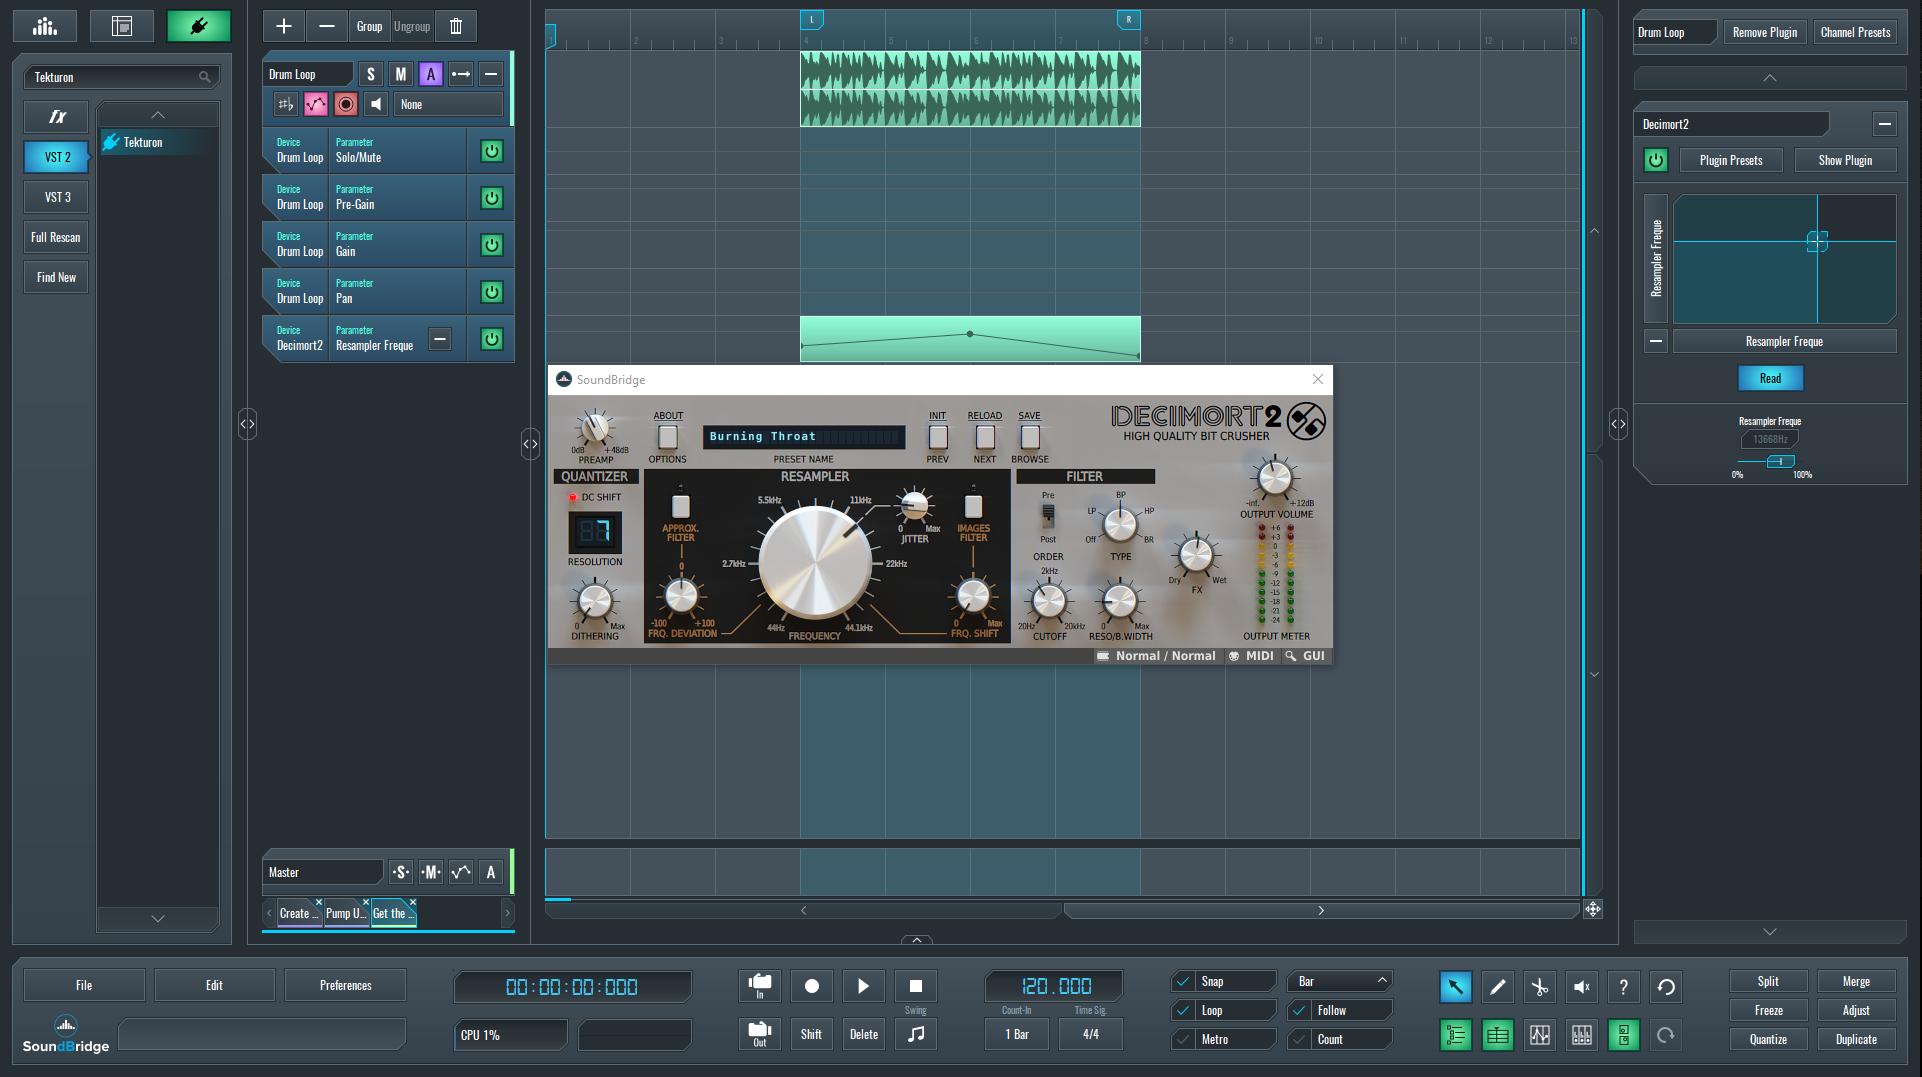 Get the Low Hi Sound with Decimort 2 by D16 - SoundBridge